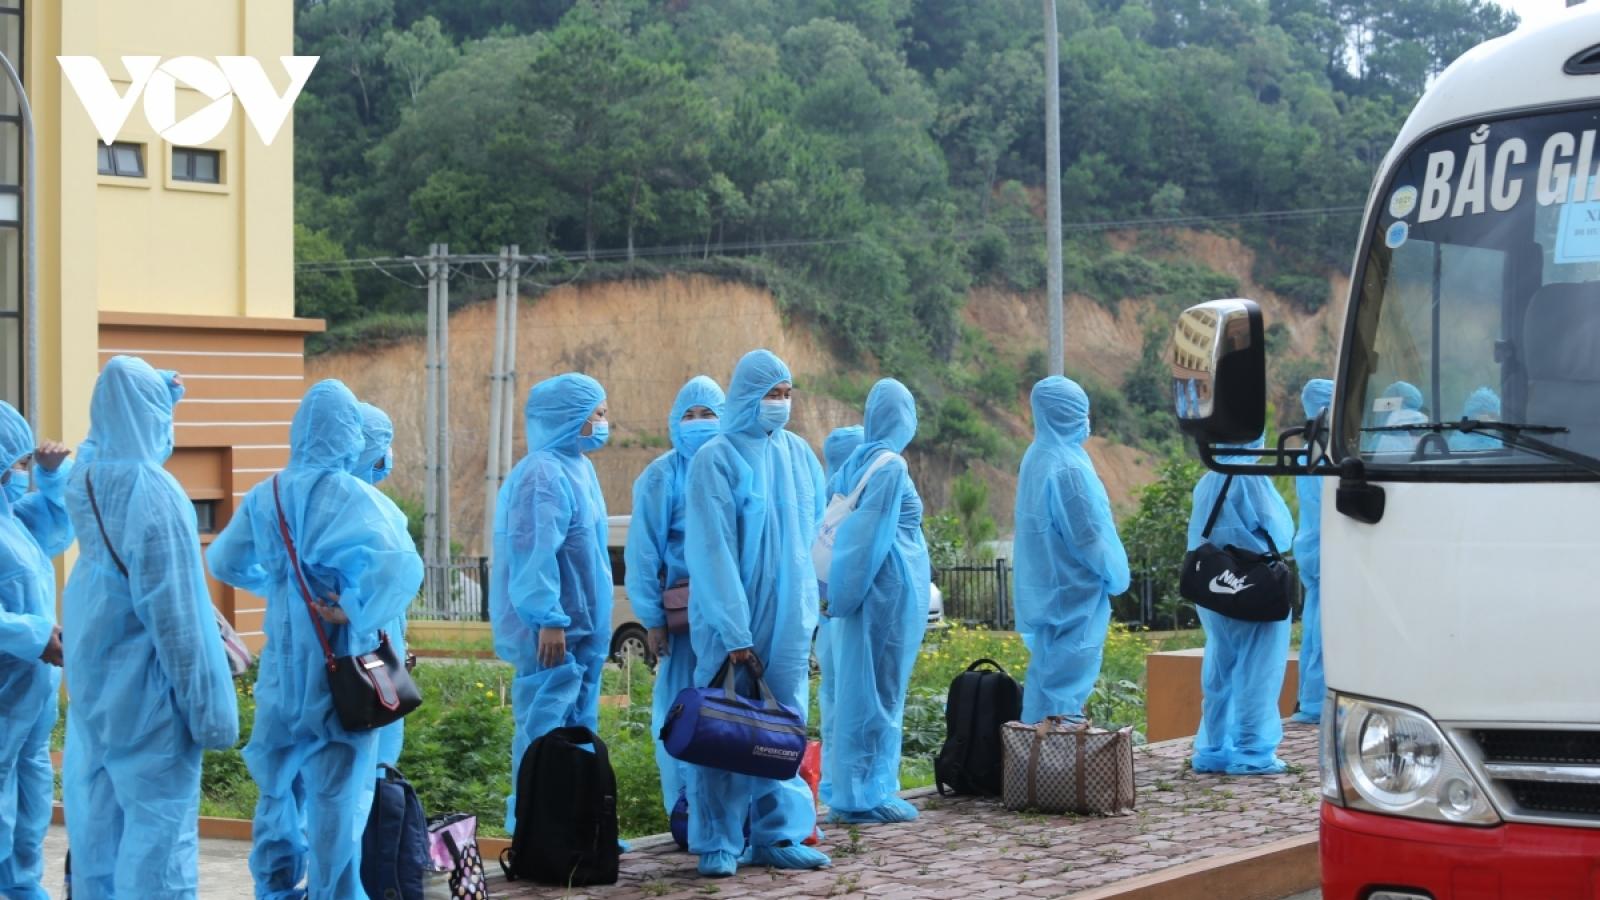 Hà Nội sẽ đón 286 công dân từ Bắc Giang về địa phương trong ngày 15/6